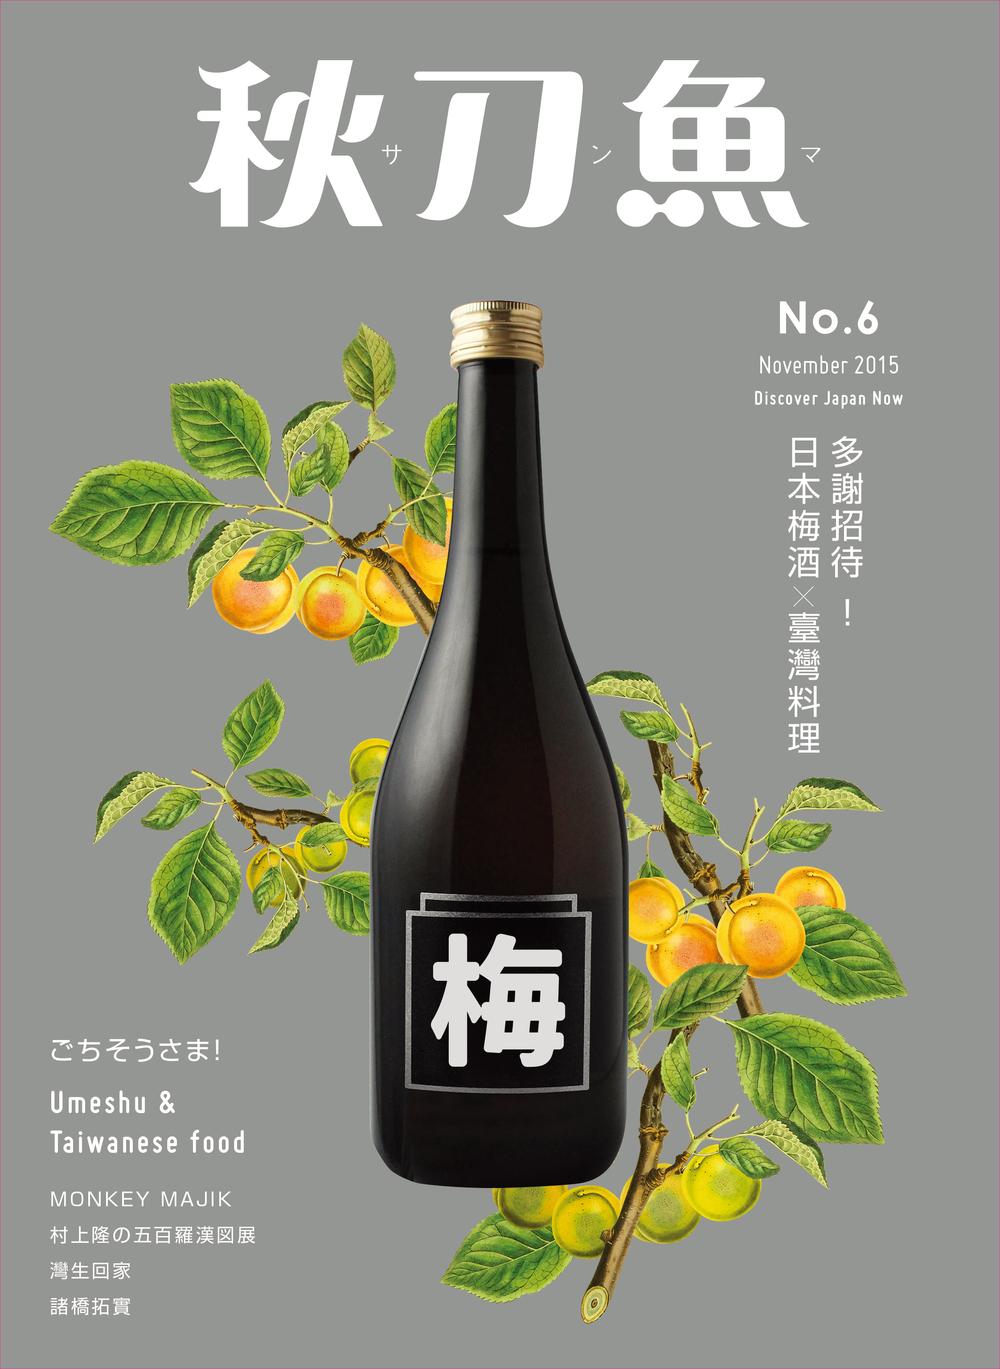 2015年11月號第6期〈多謝招待!日本梅酒X臺灣料理〉在庫﹥20